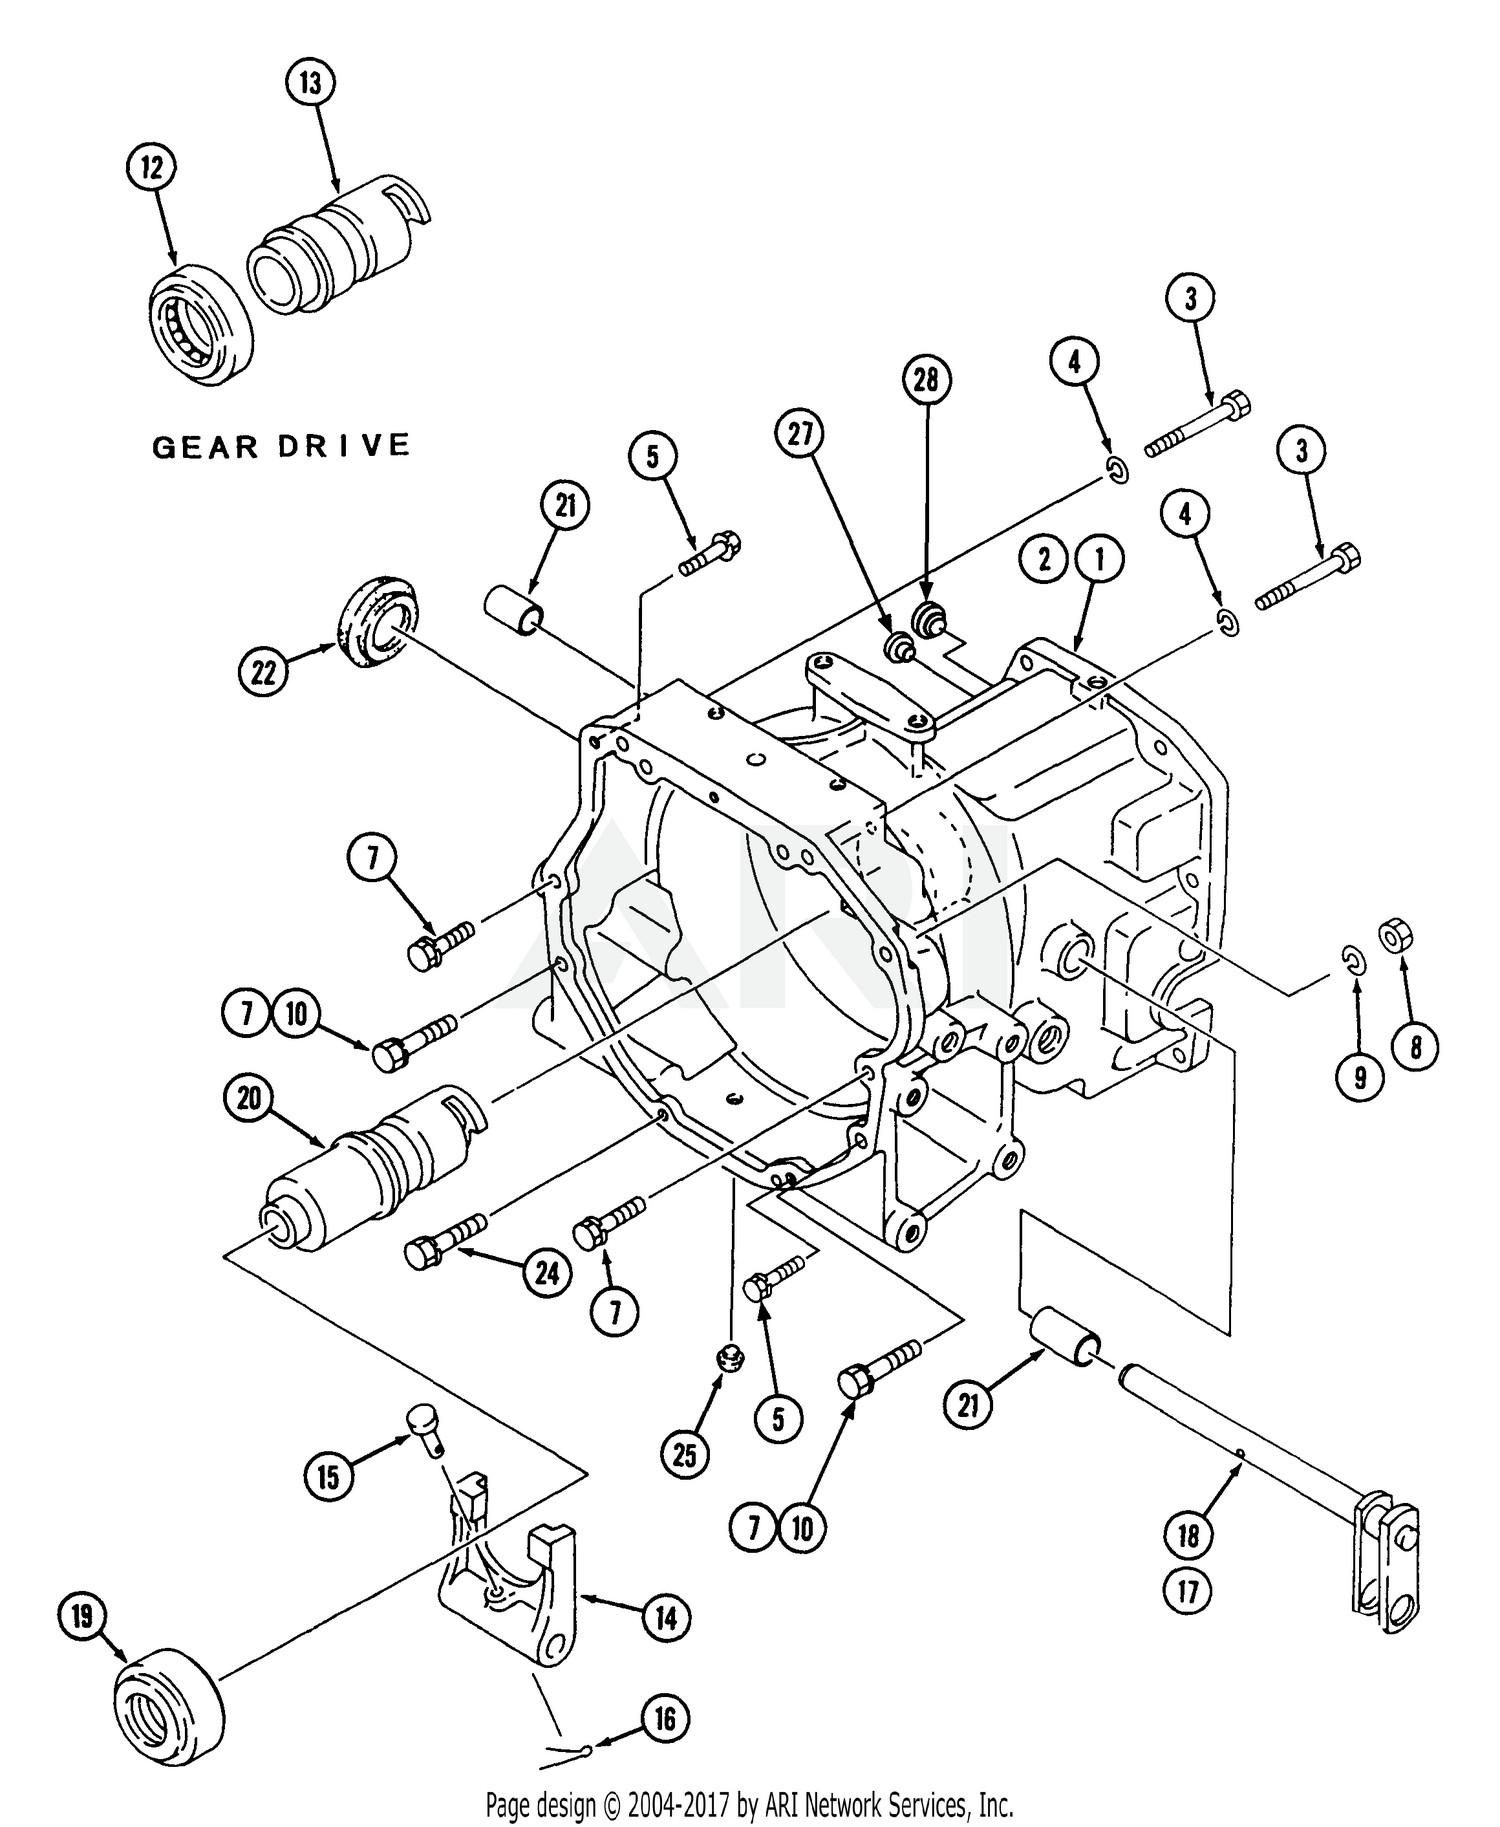 Cub cadet parts diagram cub cadet parts diagrams cub cadet 7274 tractor 545 436d100 544 of